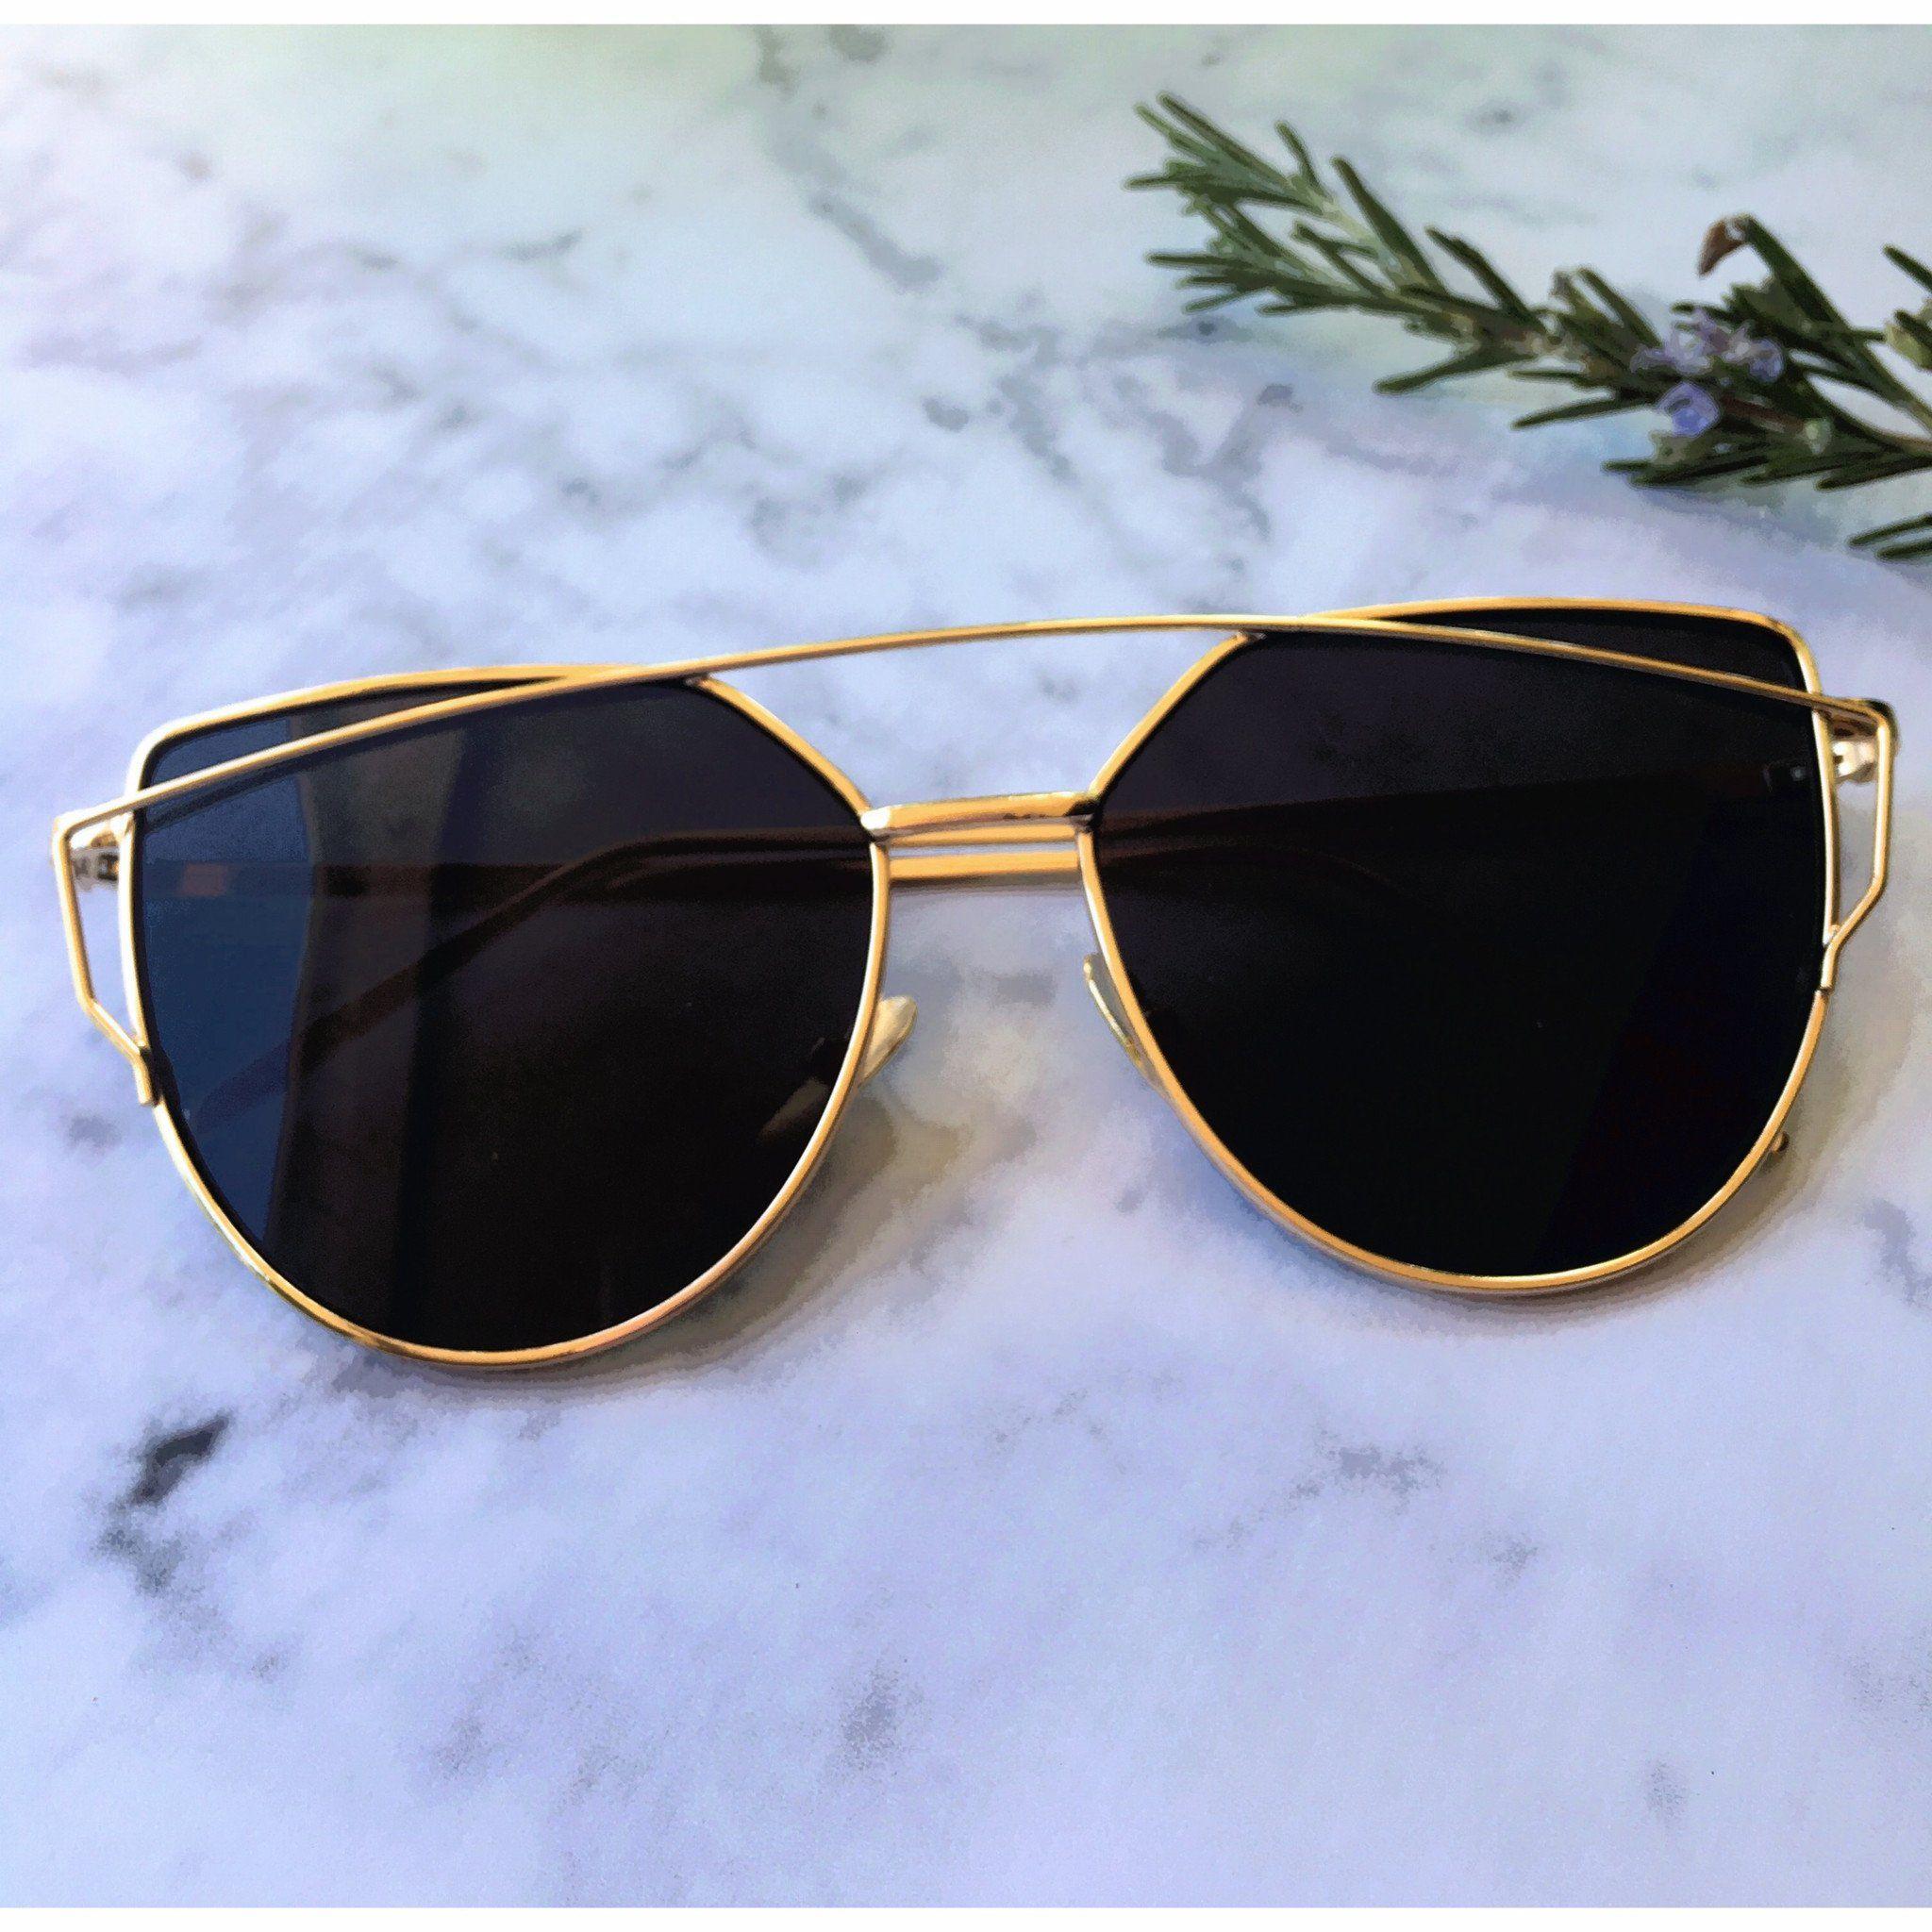 cliente primero elegir original super servicio Silver On Gold Mirrored Sunglasses | Lentes y algo mas... en ...